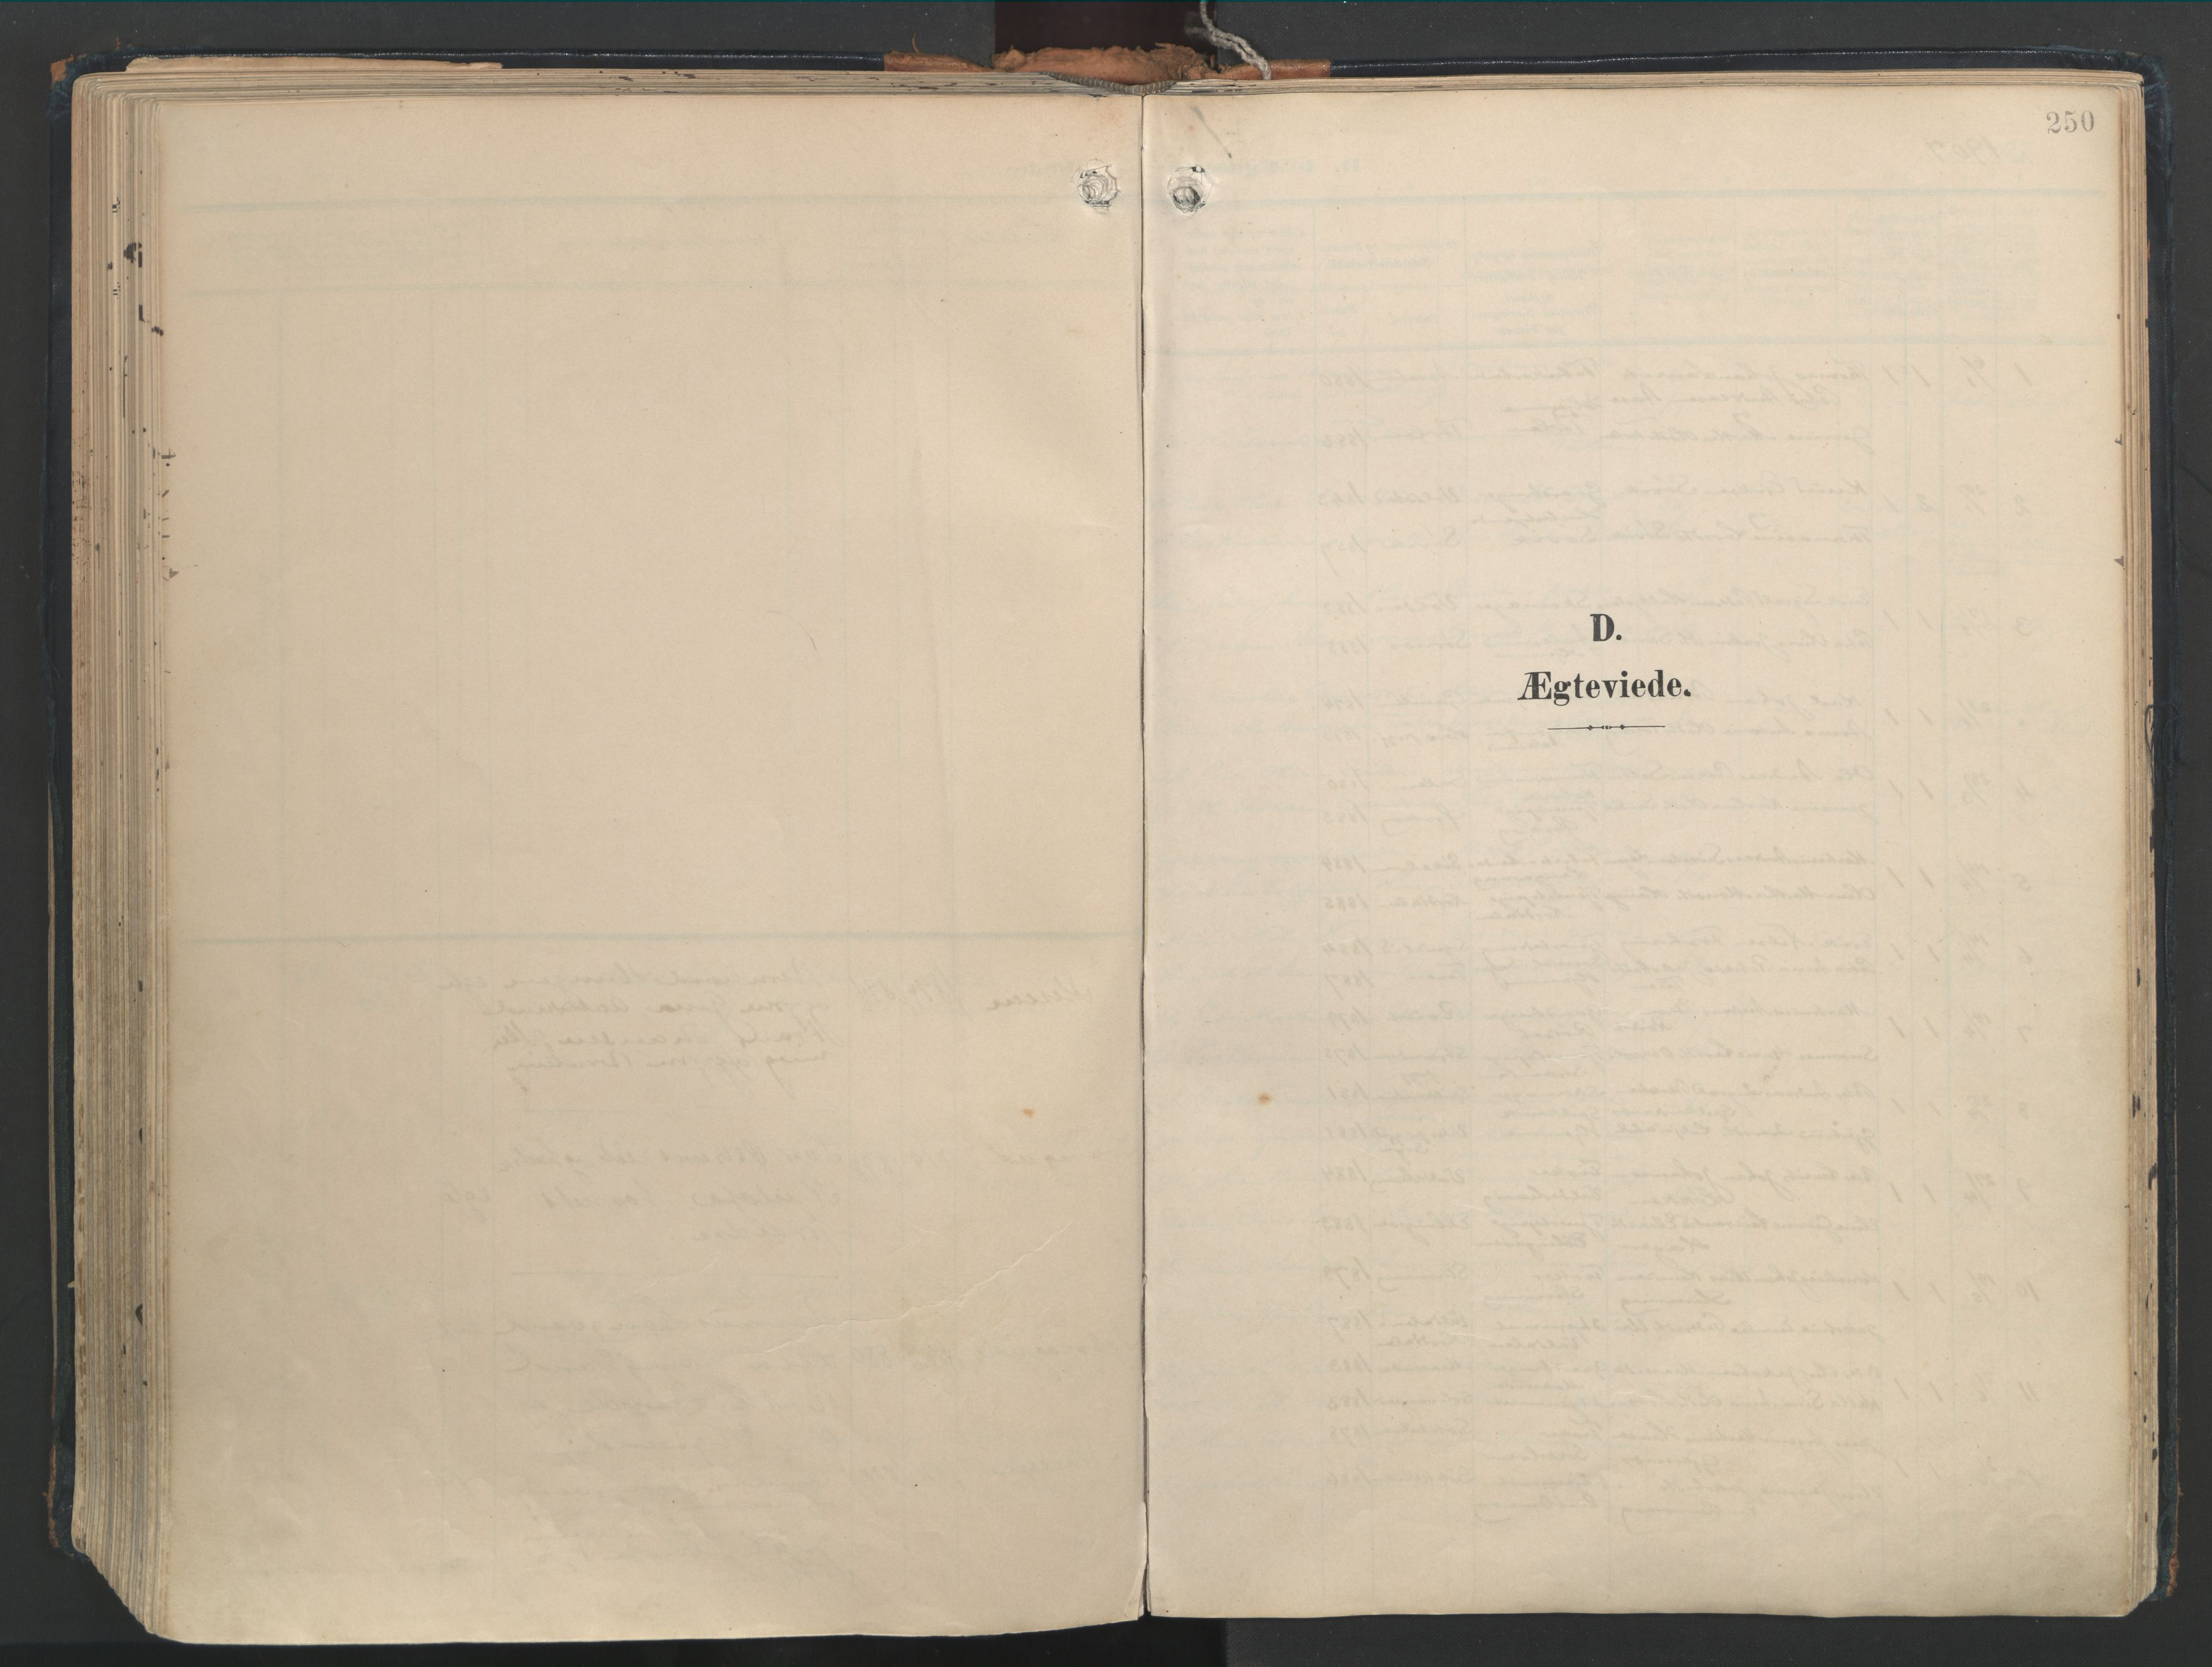 SAT, Ministerialprotokoller, klokkerbøker og fødselsregistre - Møre og Romsdal, 528/L0411: Ministerialbok nr. 528A20, 1907-1920, s. 250